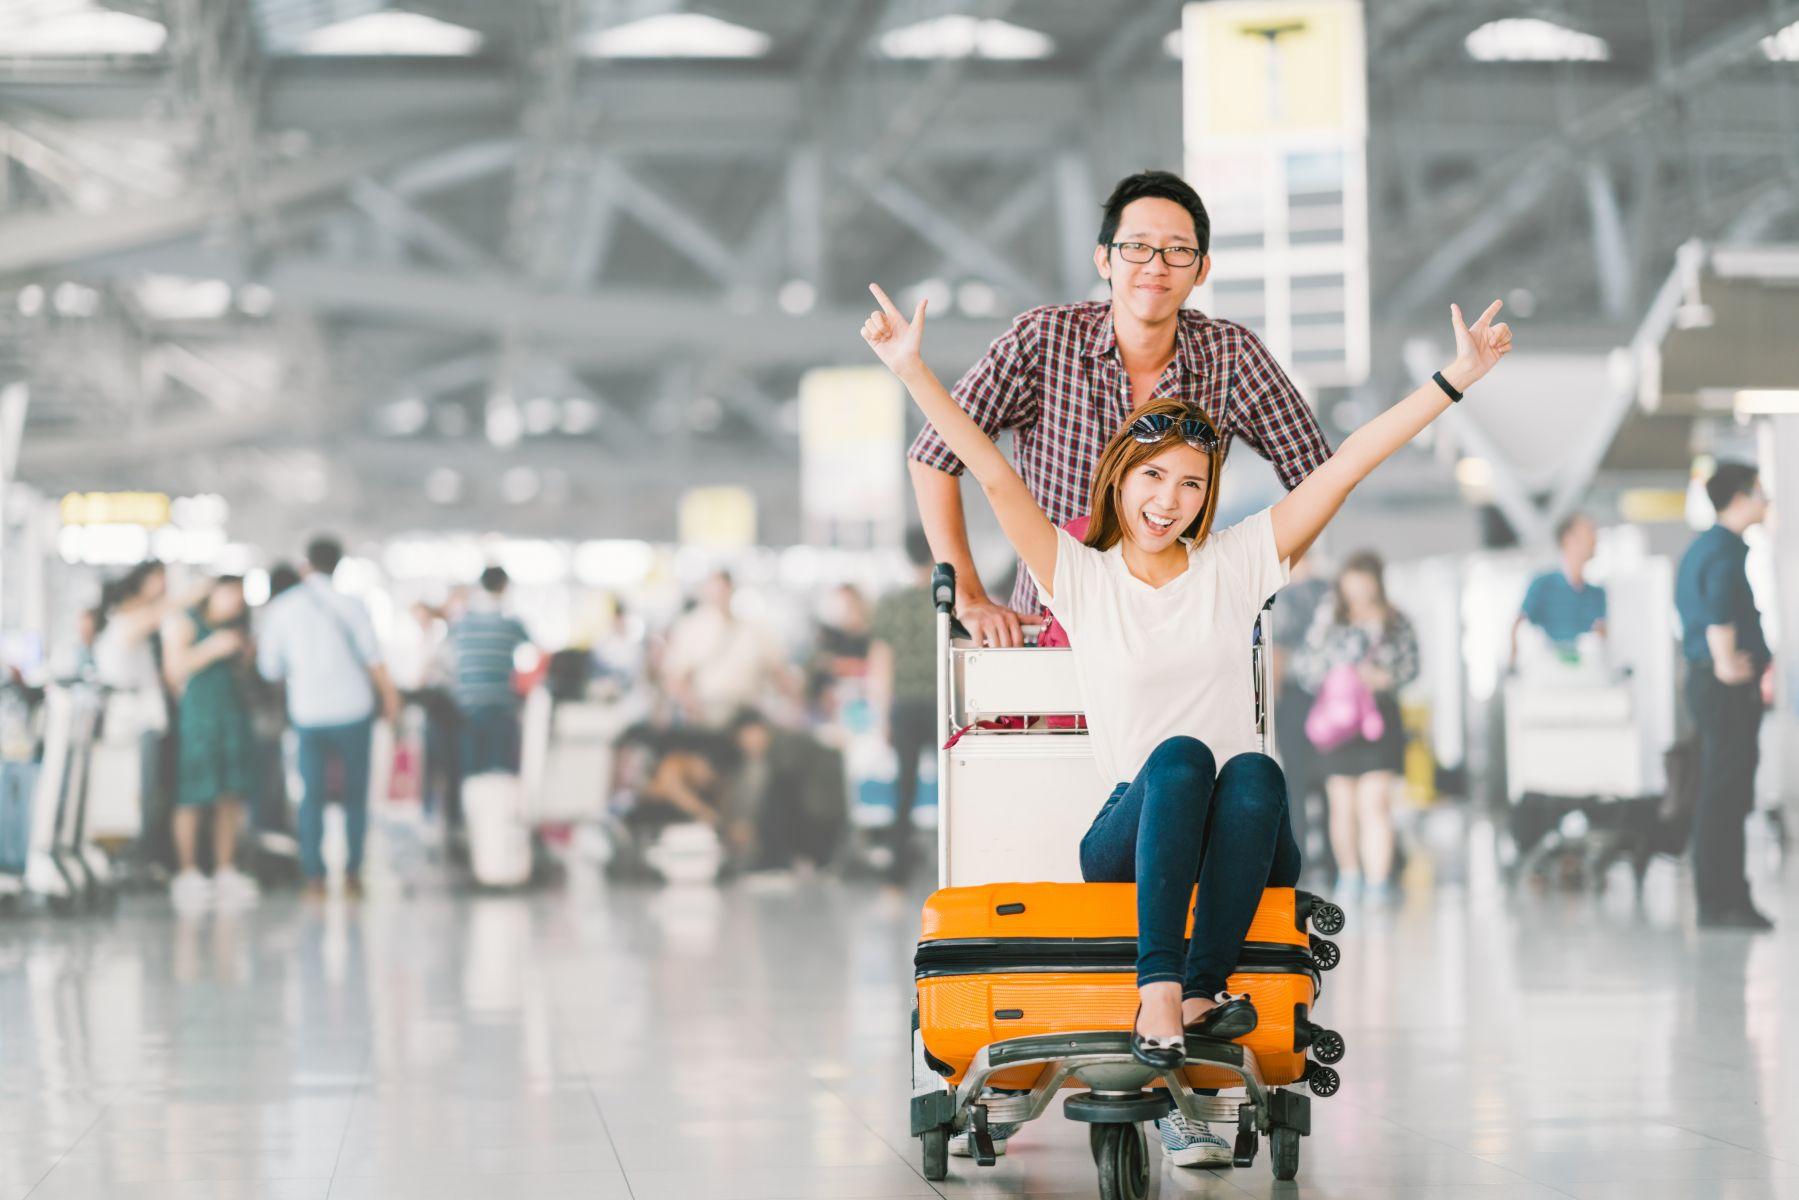 韓國客來台暴增逾3成! 為何高麗妹子變成主力? 原因這五個